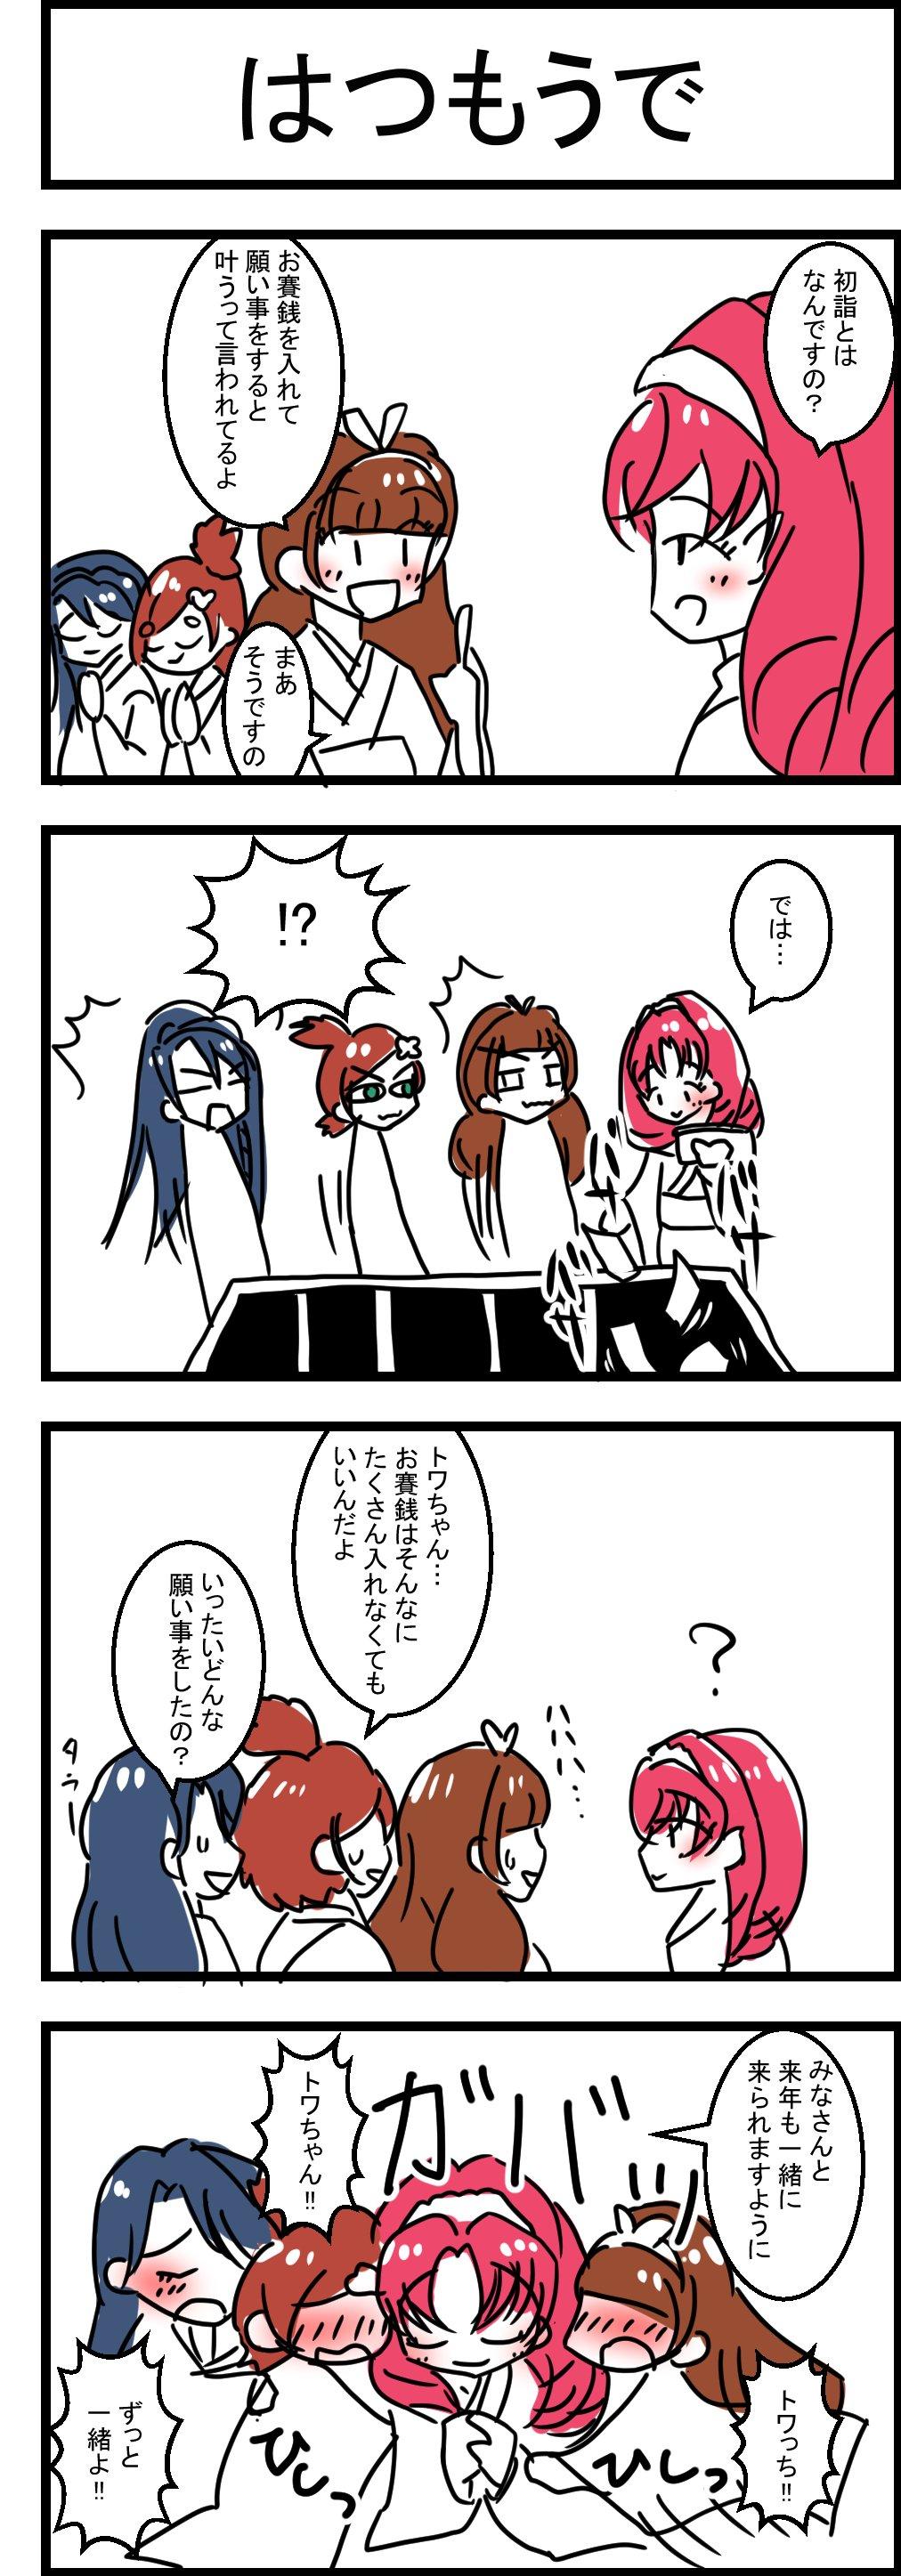 宮野とりい (@miyano_torii)さんのイラスト